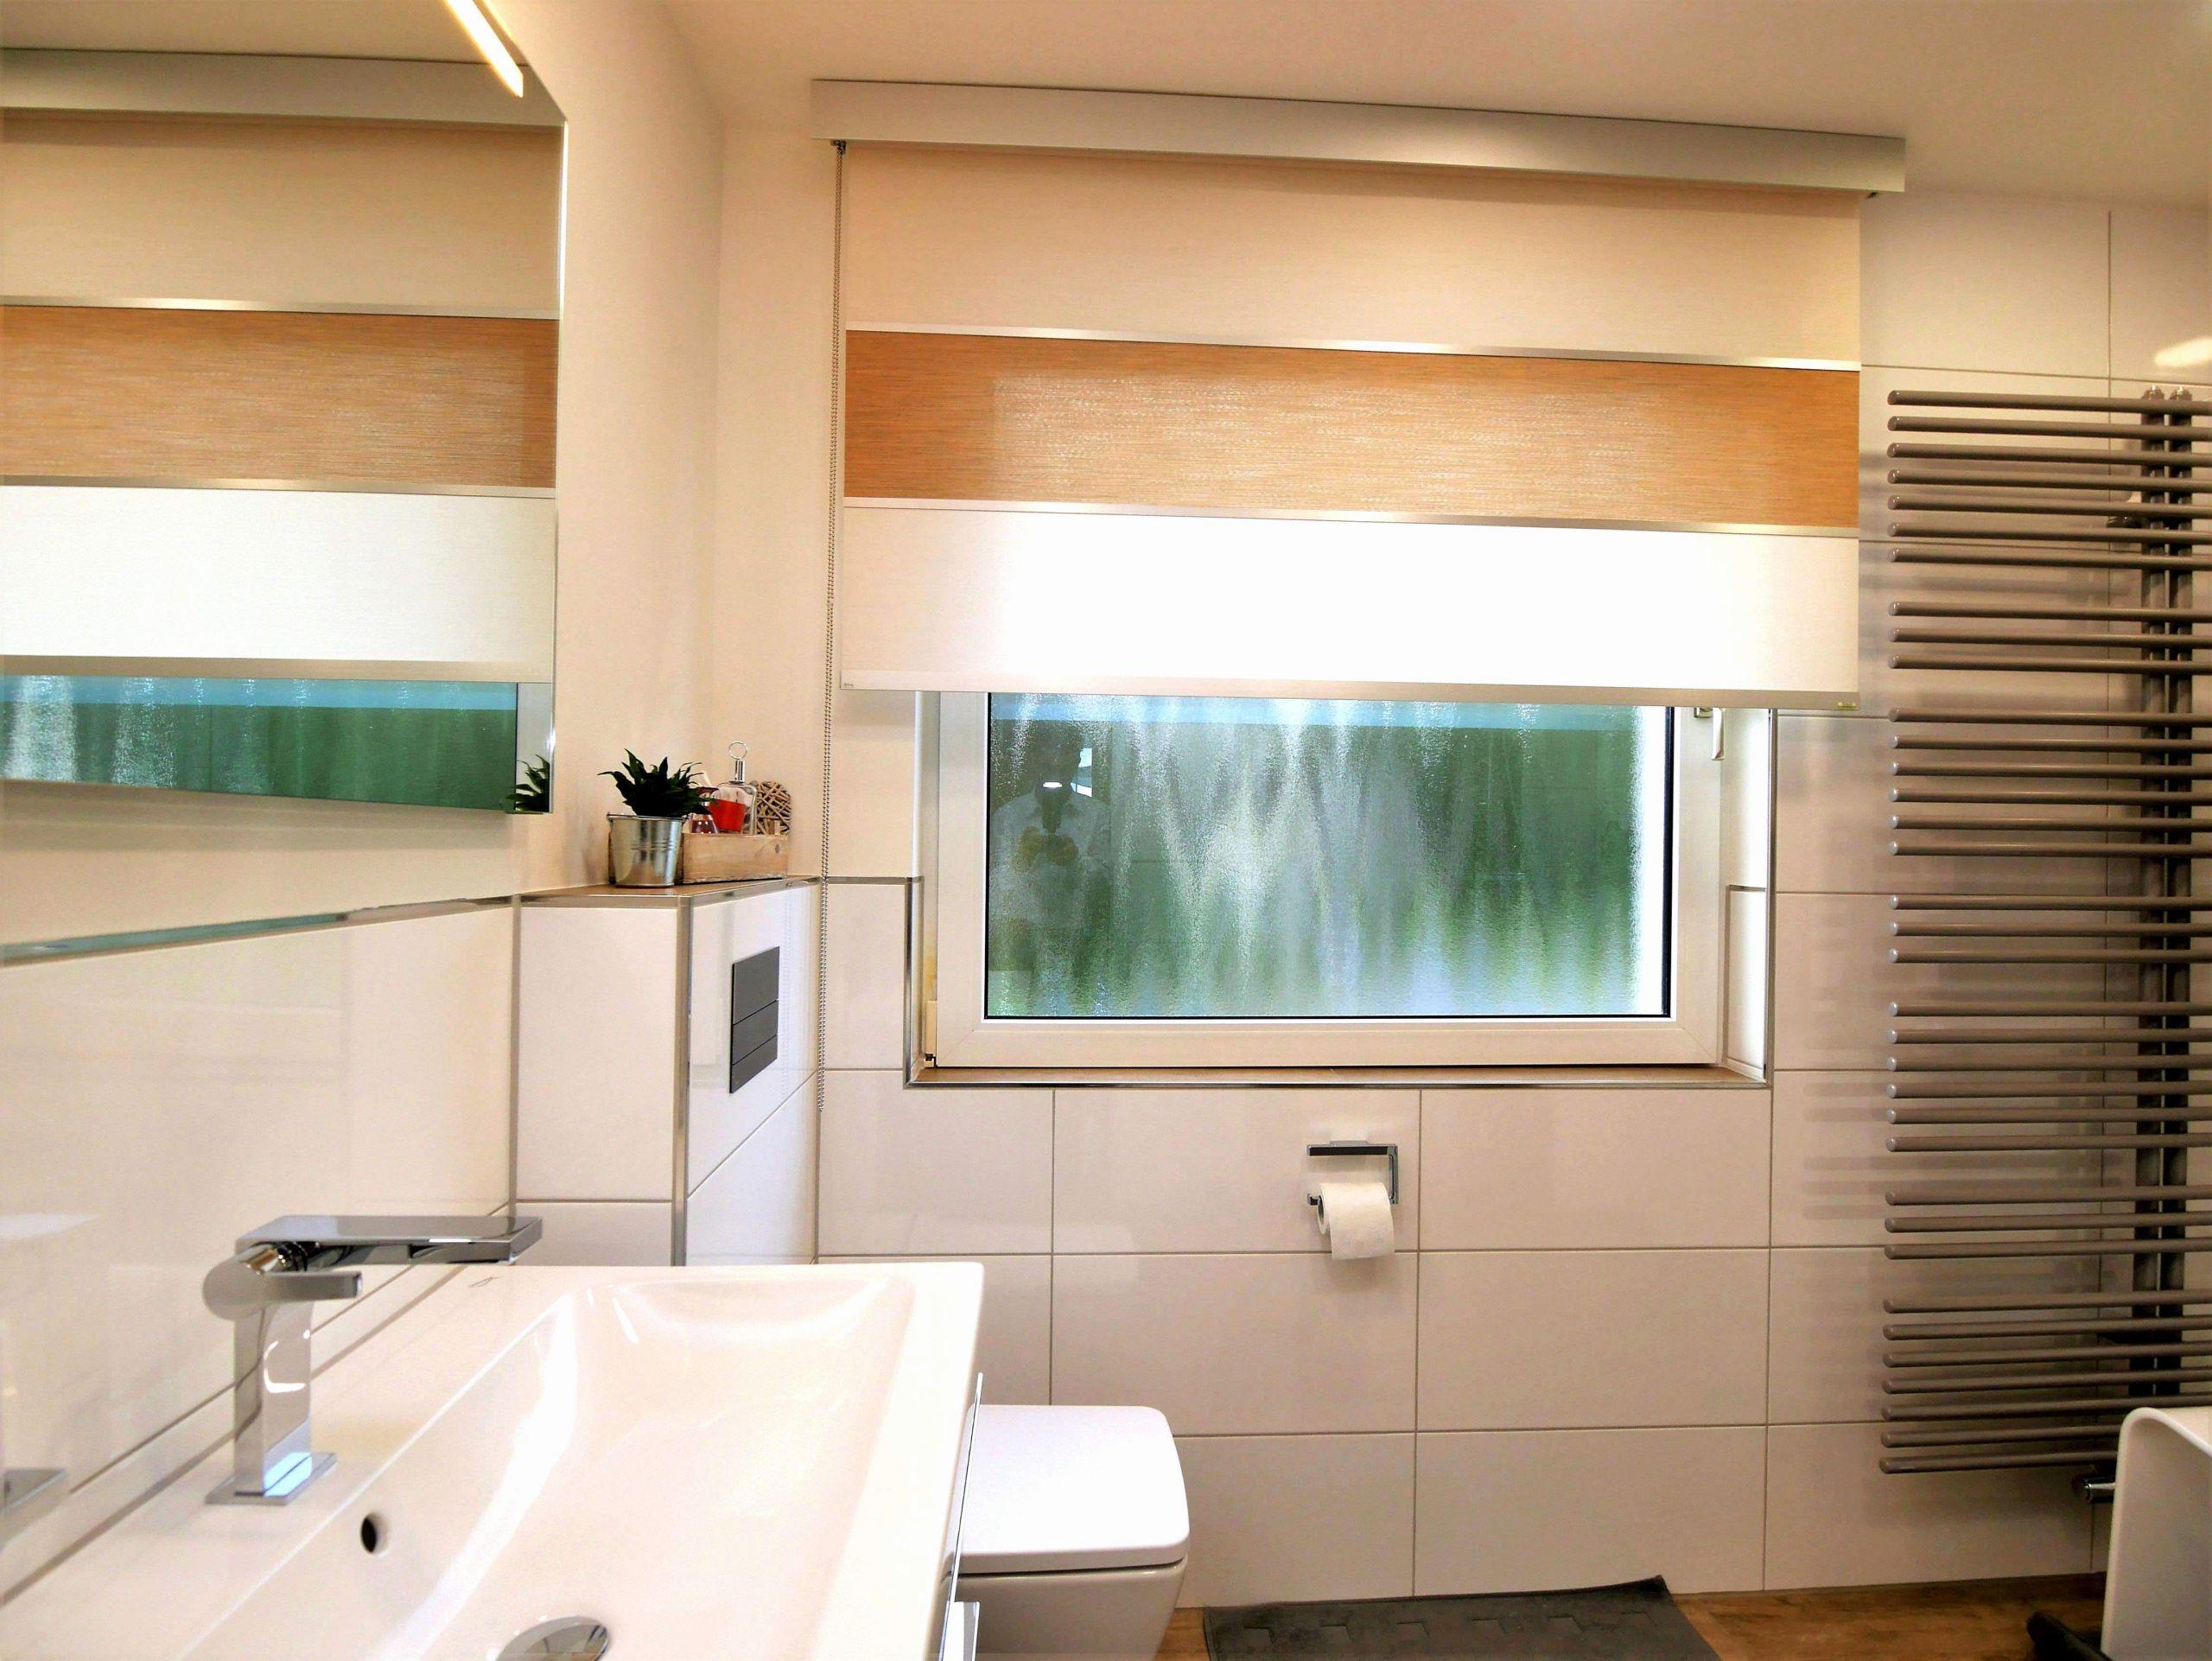 Full Size of 29 Elegant Raffrollo Wohnzimmer Modern Luxus Frisch Kinderzimmer Regal Küche Regale Sofa Weiß Kinderzimmer Raffrollo Kinderzimmer